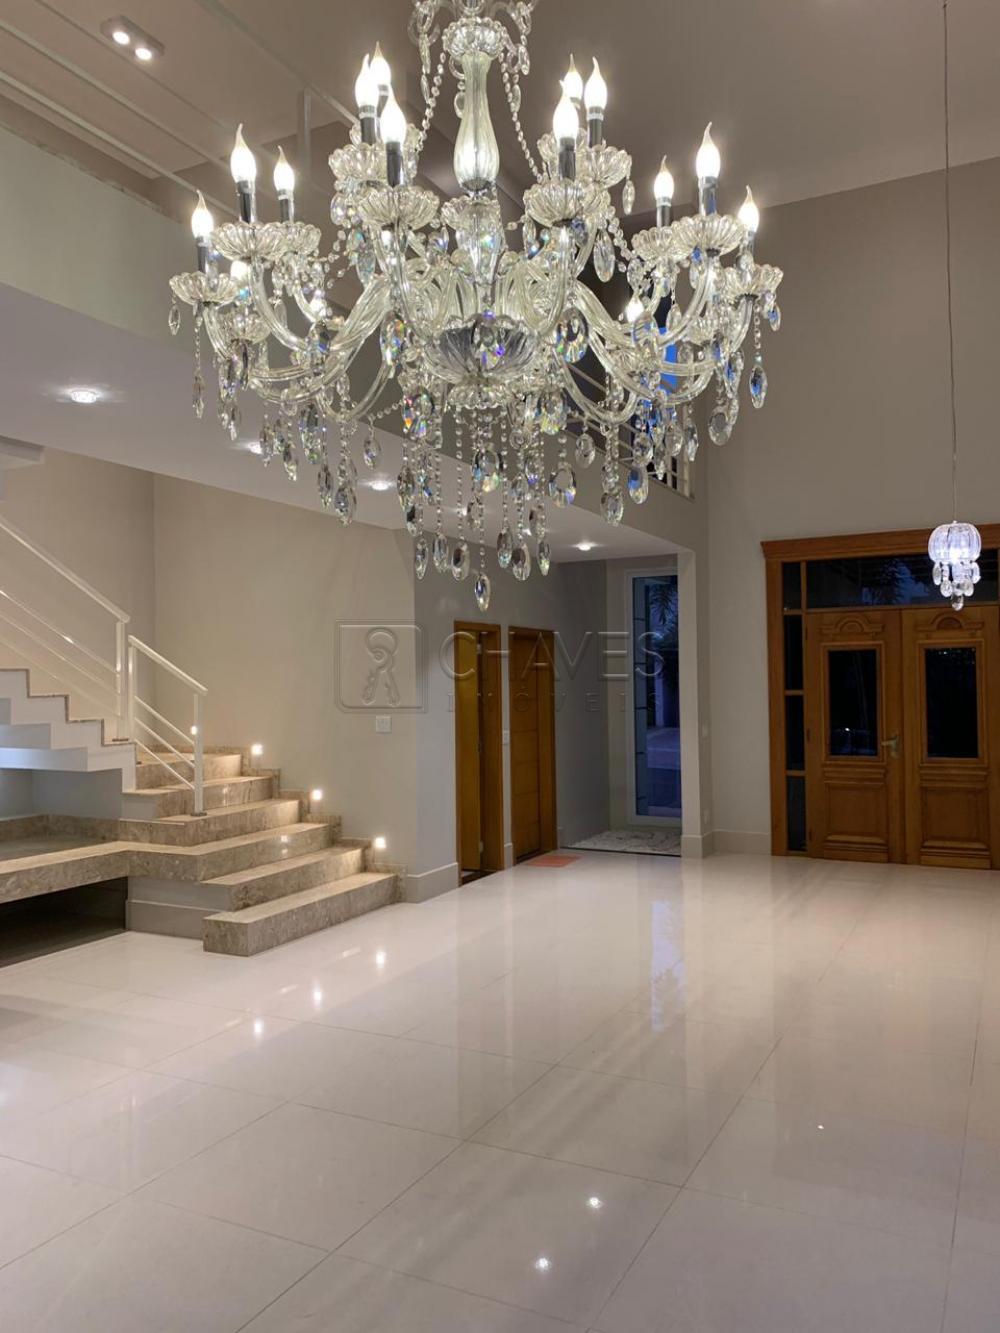 Comprar Casa / Condomínio em Ribeirao Preto apenas R$ 1.750.000,00 - Foto 4